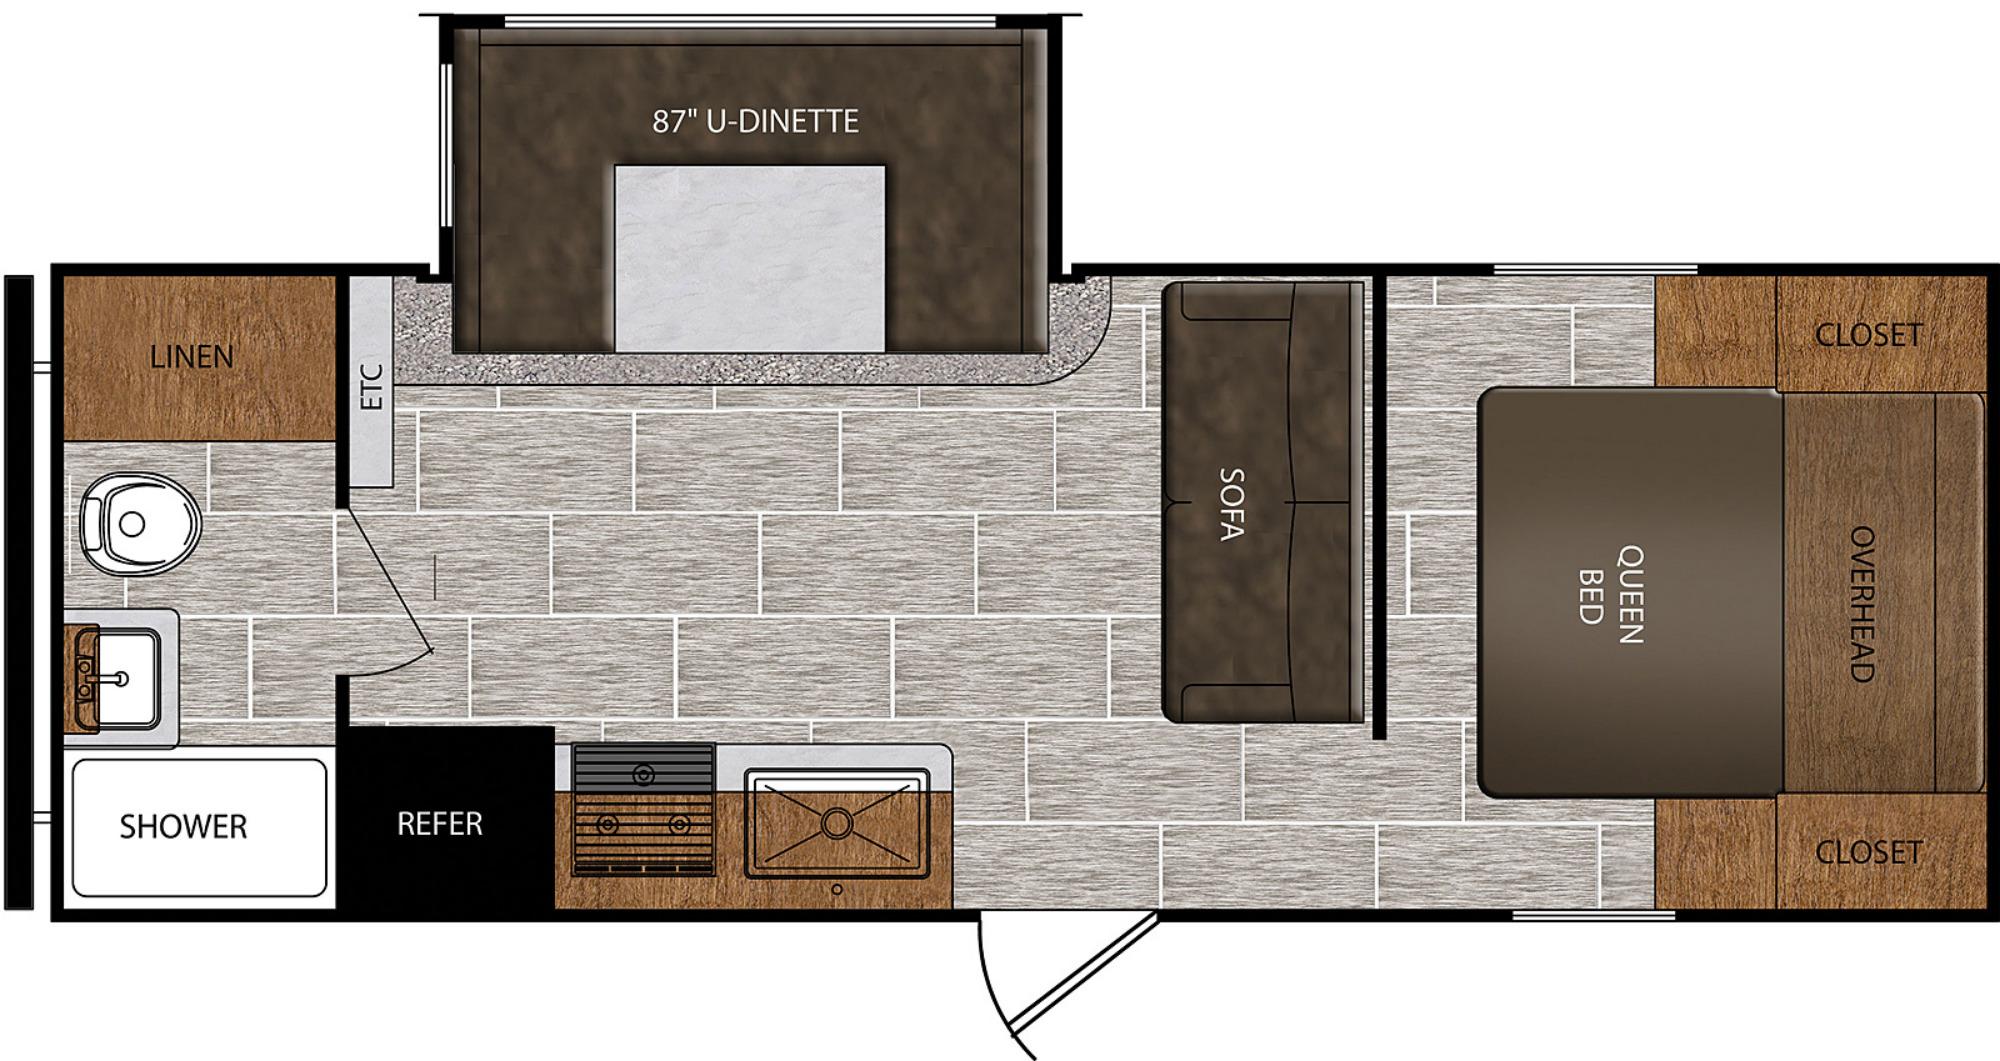 View Floor Plan for 2021 PRIME TIME AVENGER 21RBS